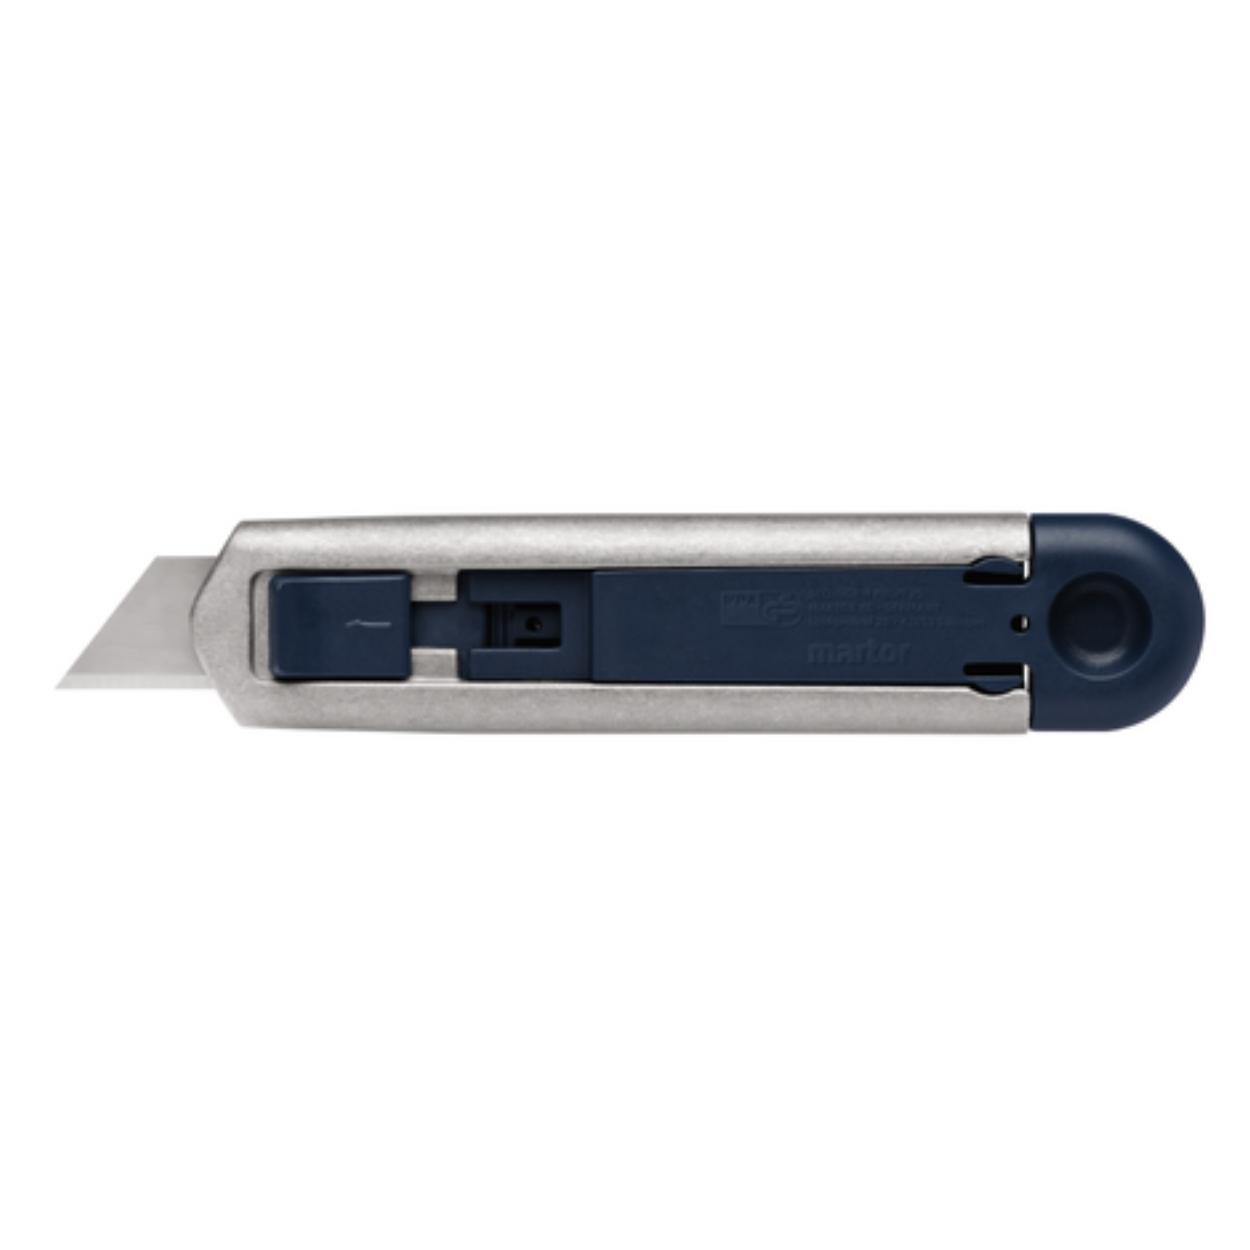 Bezpieczny nóż, wykrywalny SECUNORM PROFI25